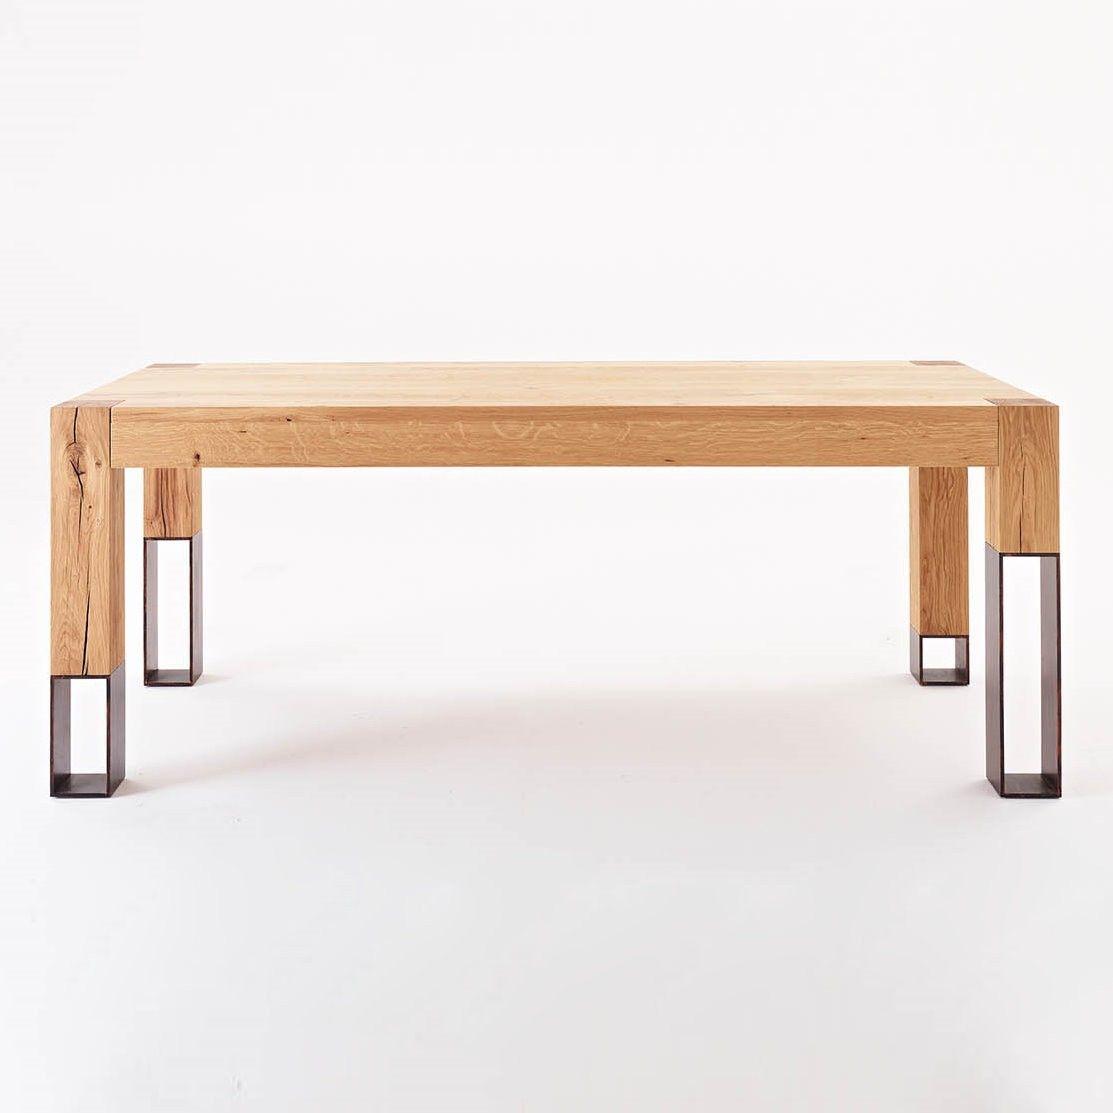 Tavolo Di Design In Legno E Acciaio Acqua Alta Di Colico Design Finitura Metallo Non Disponibile Design Tavolo In Legno Mobili In Acciaio Design Di Mobili